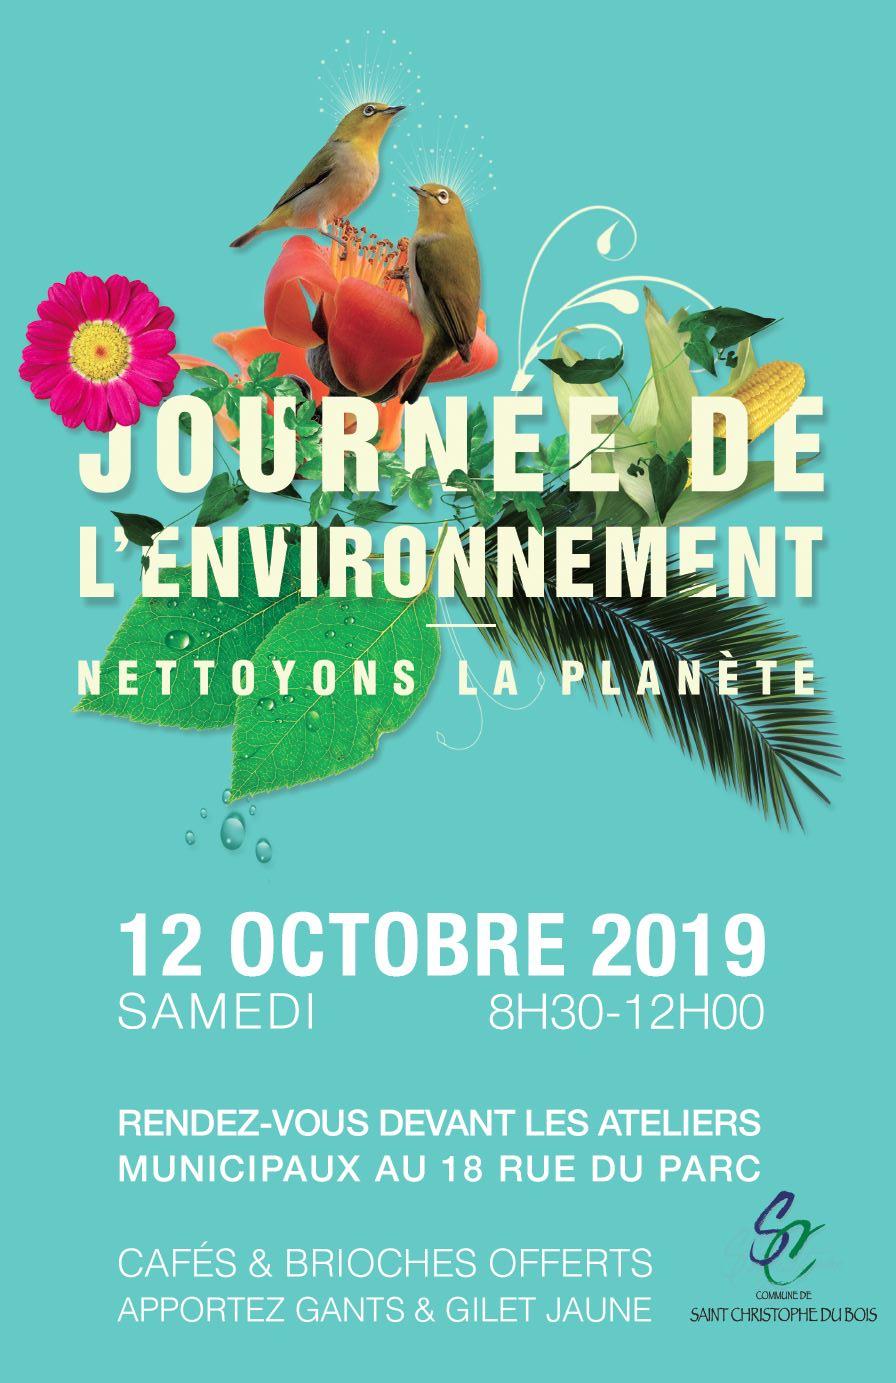 12 octobre journée de l'environnment